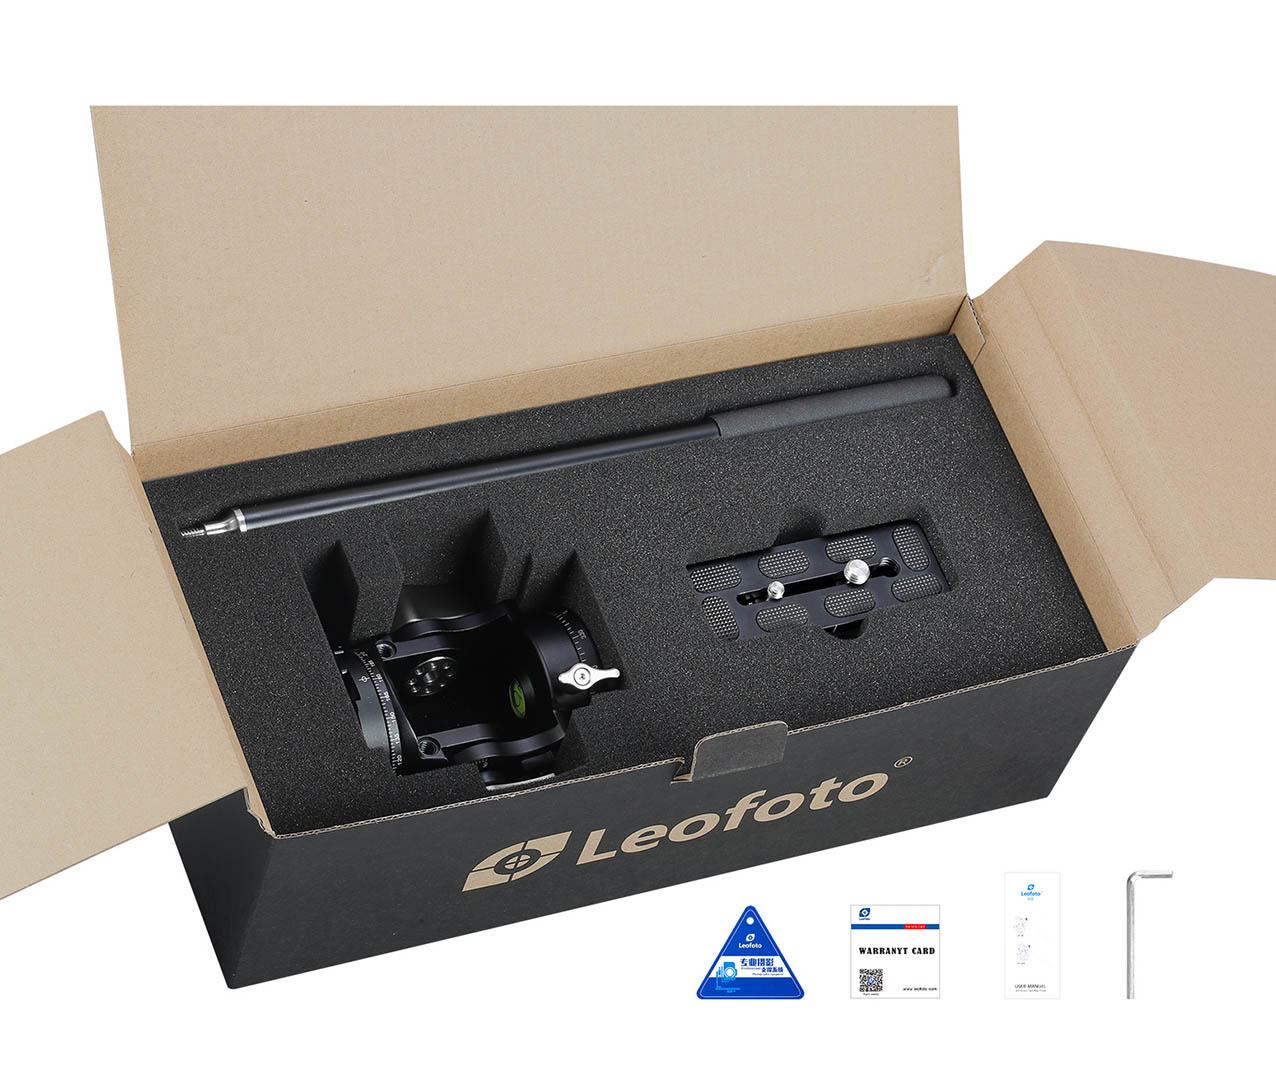 Accesorios incluidos Leofoto LH-30